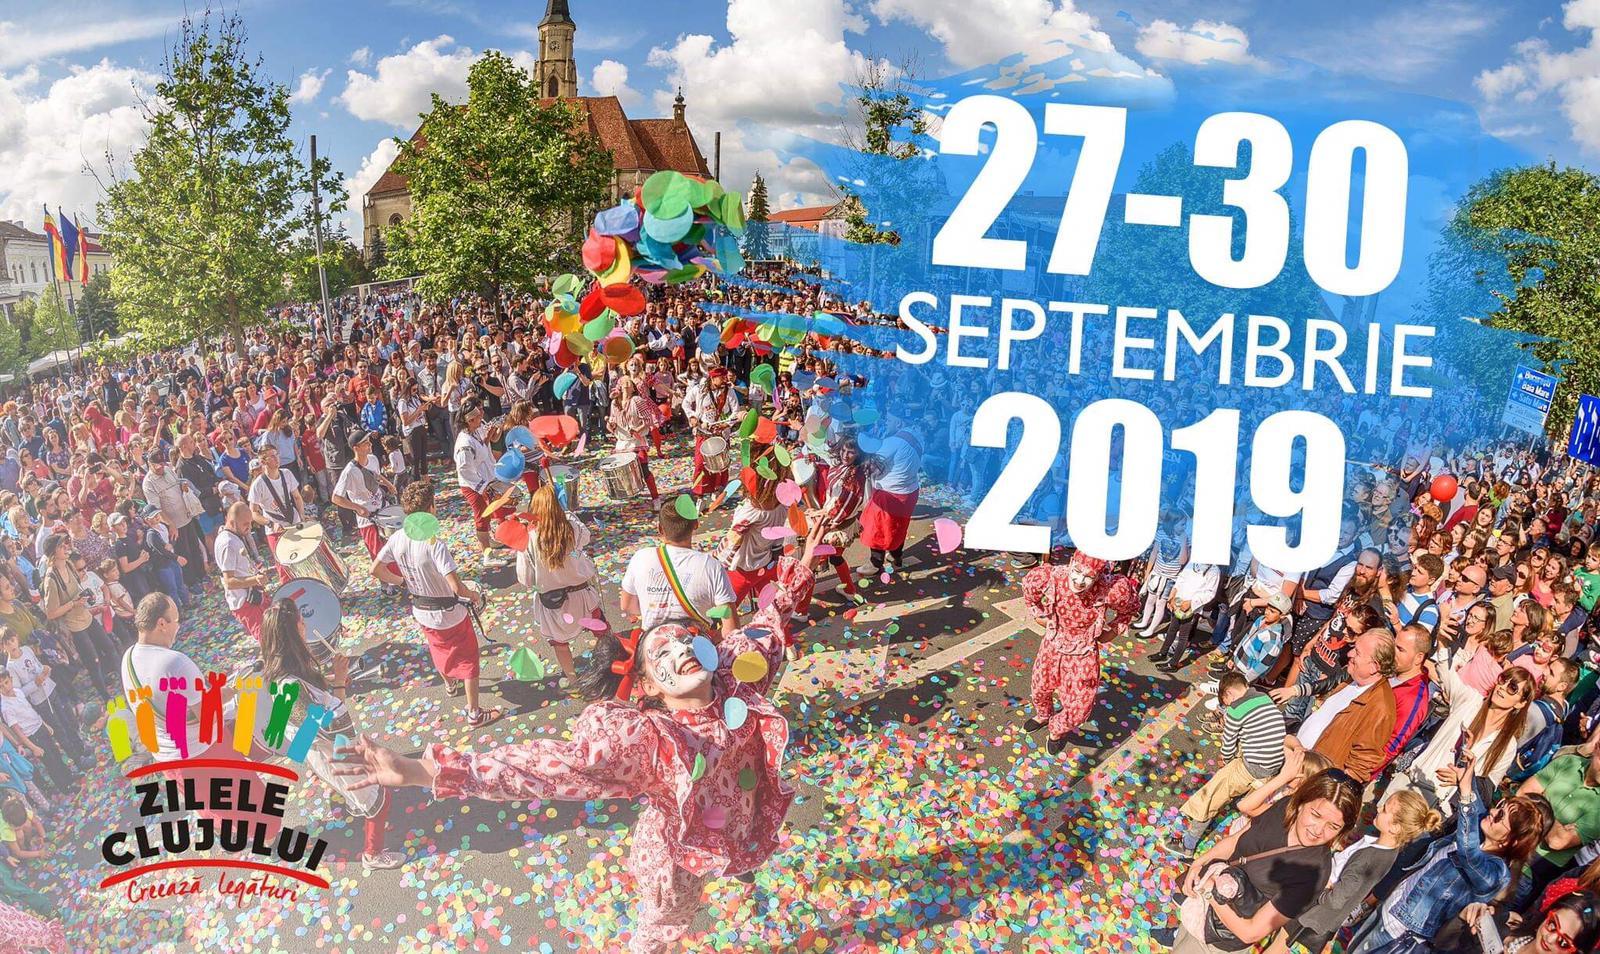 Zilele Clujului 2019 vor avea loc în perioada 27-30 septembrie